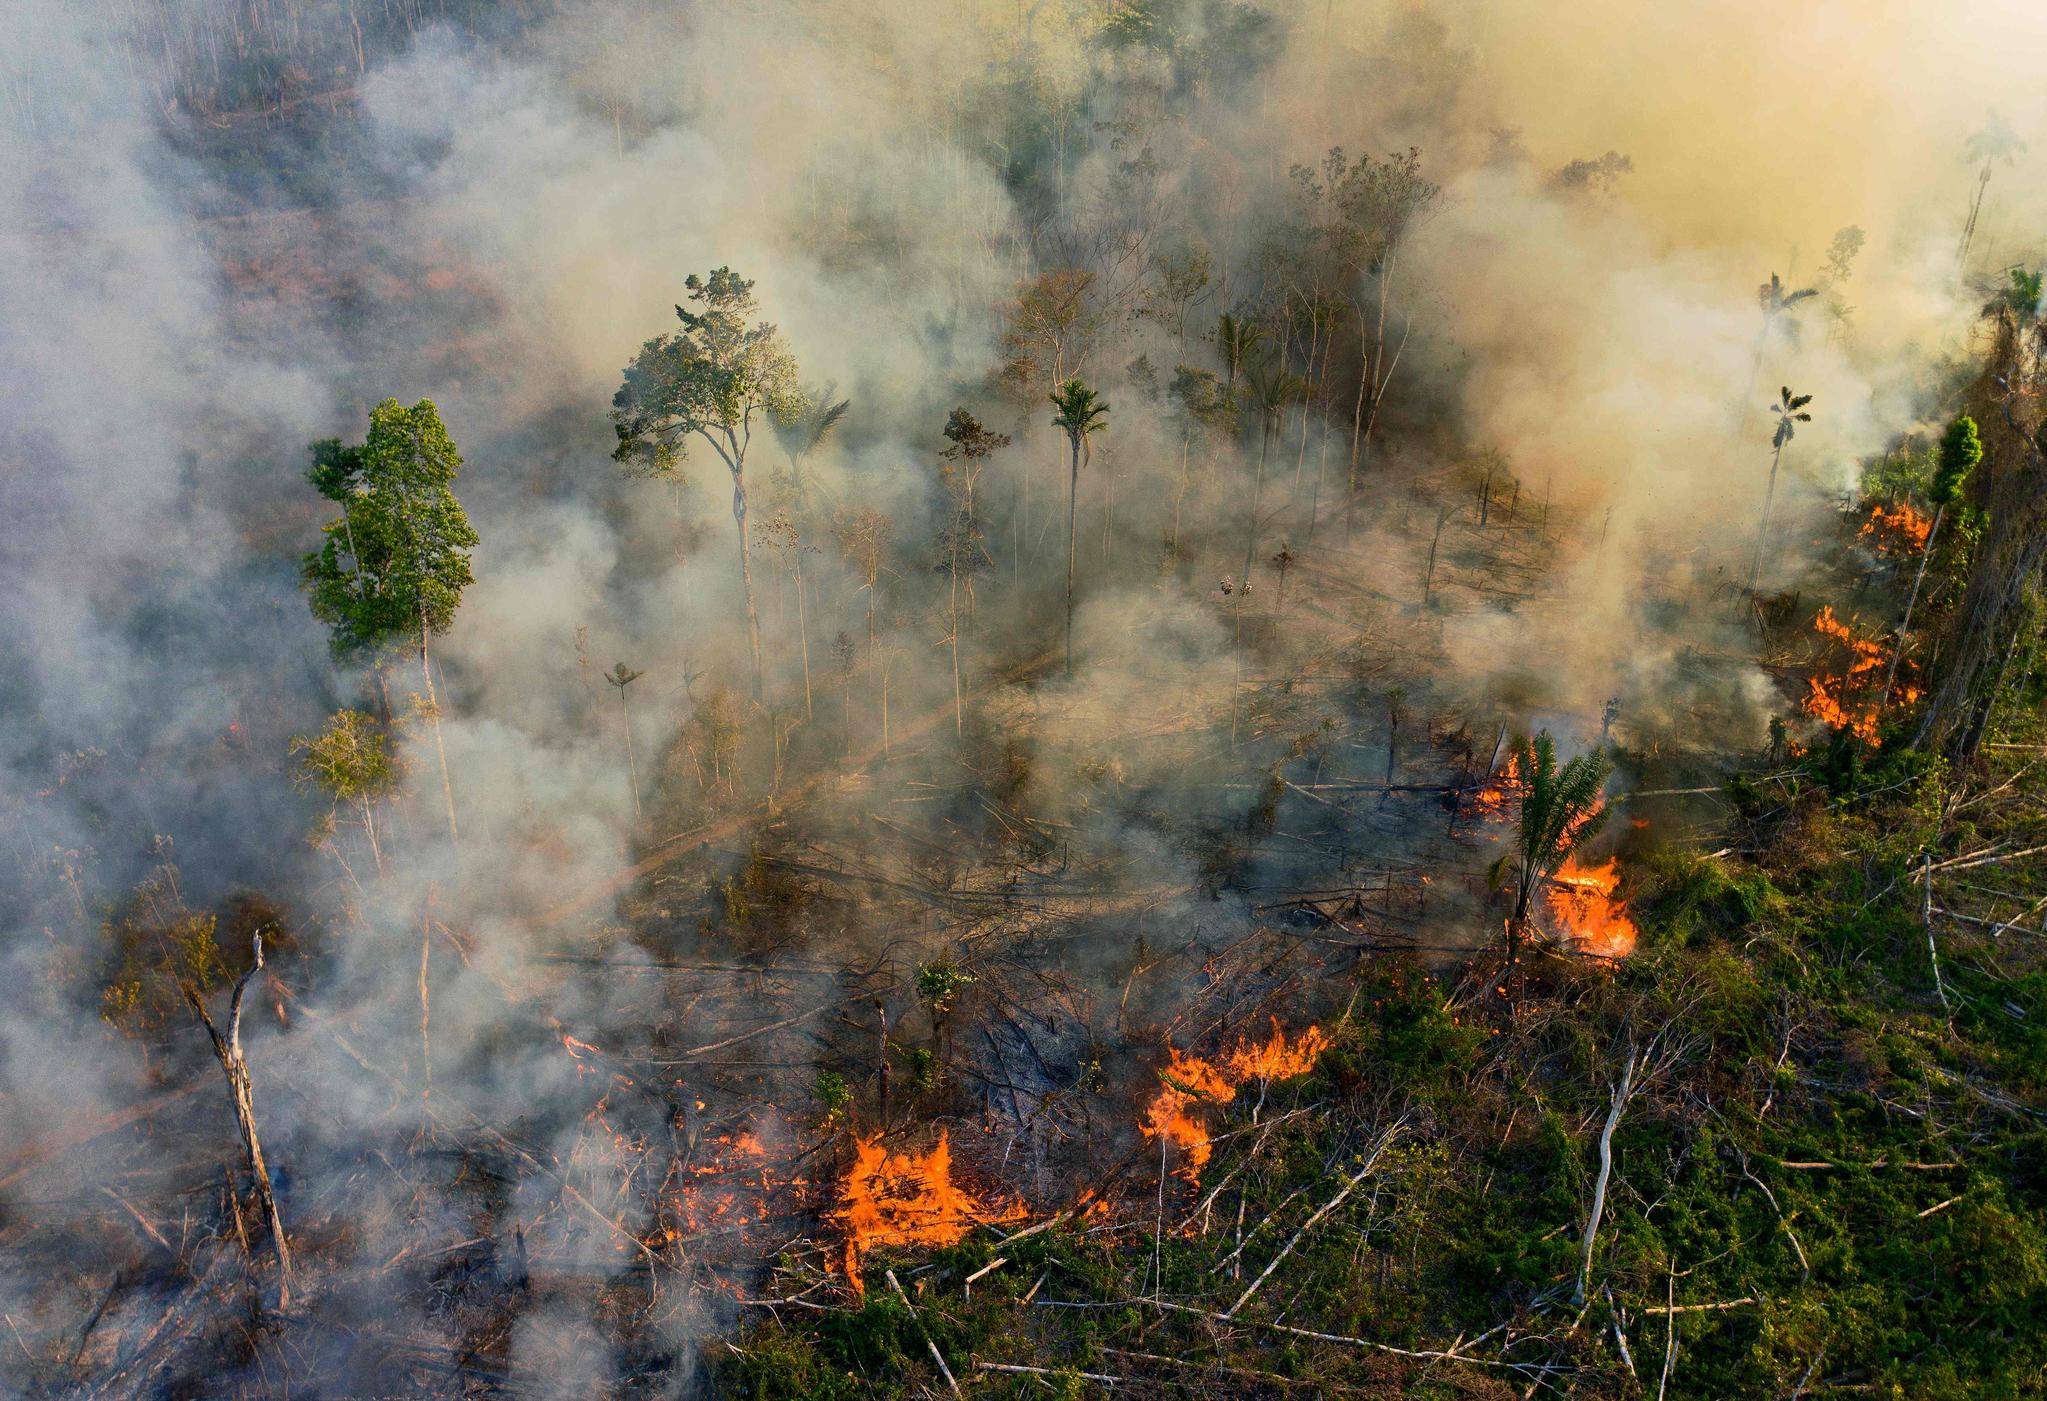 코로나 피해 5580조, 생태보호에 0.6%만 써도 팬데믹 막는다